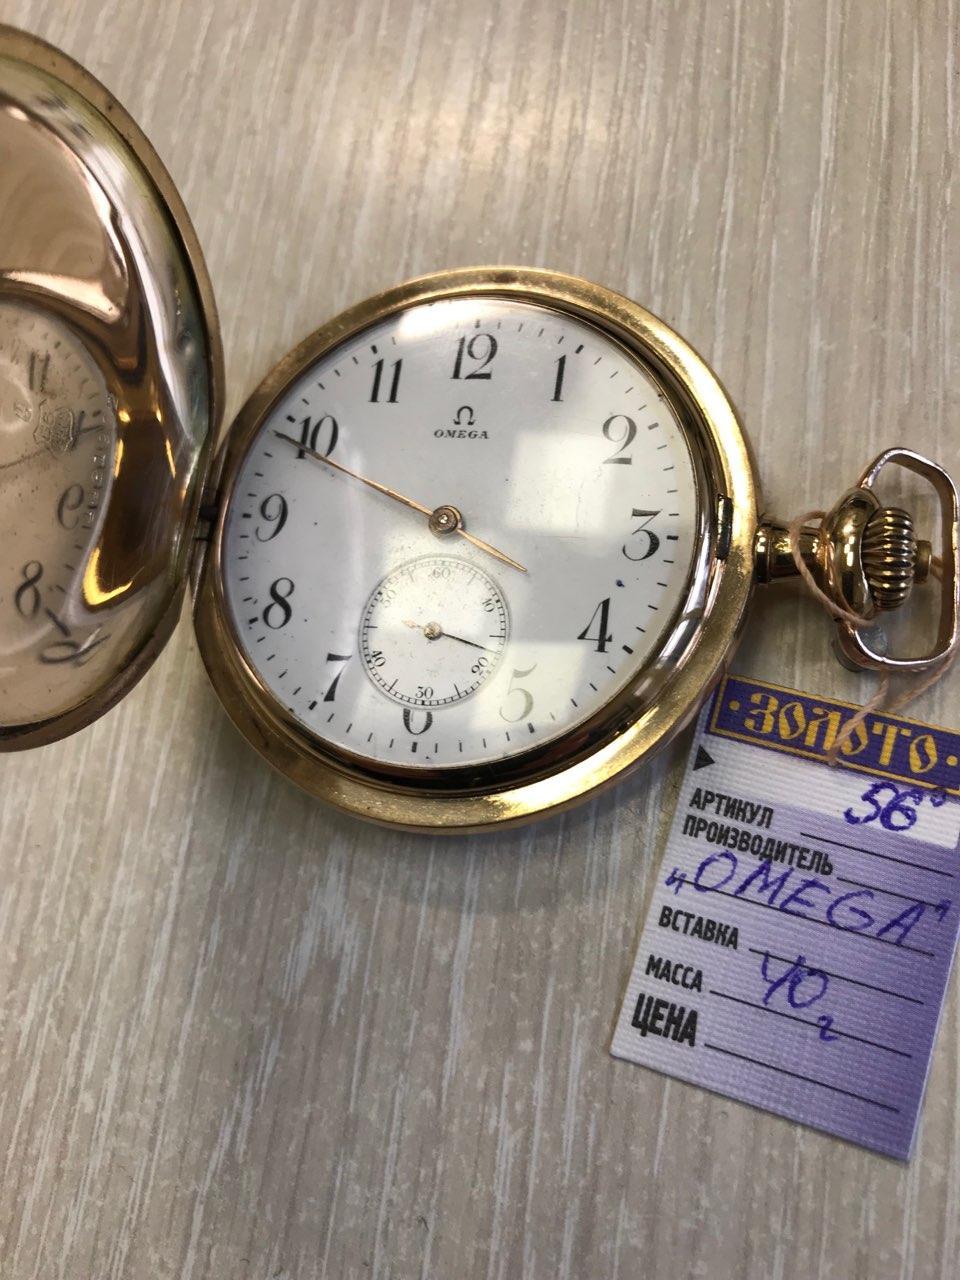 Золотые карманные часы Omega  Швейцария нач ХХ века